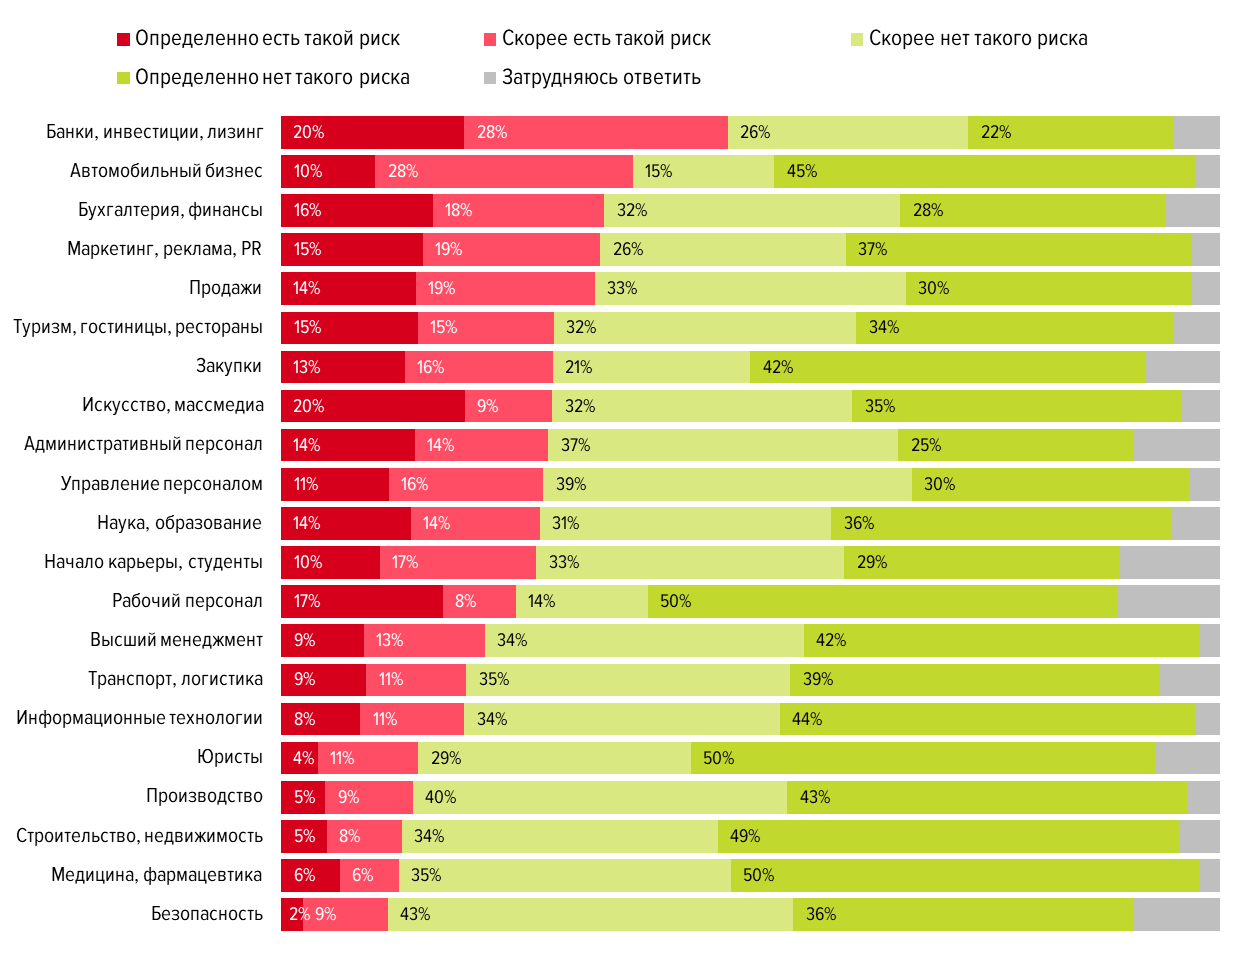 Карьерные итоги десятилетия и планы на следующие 10 лет: результаты опроса